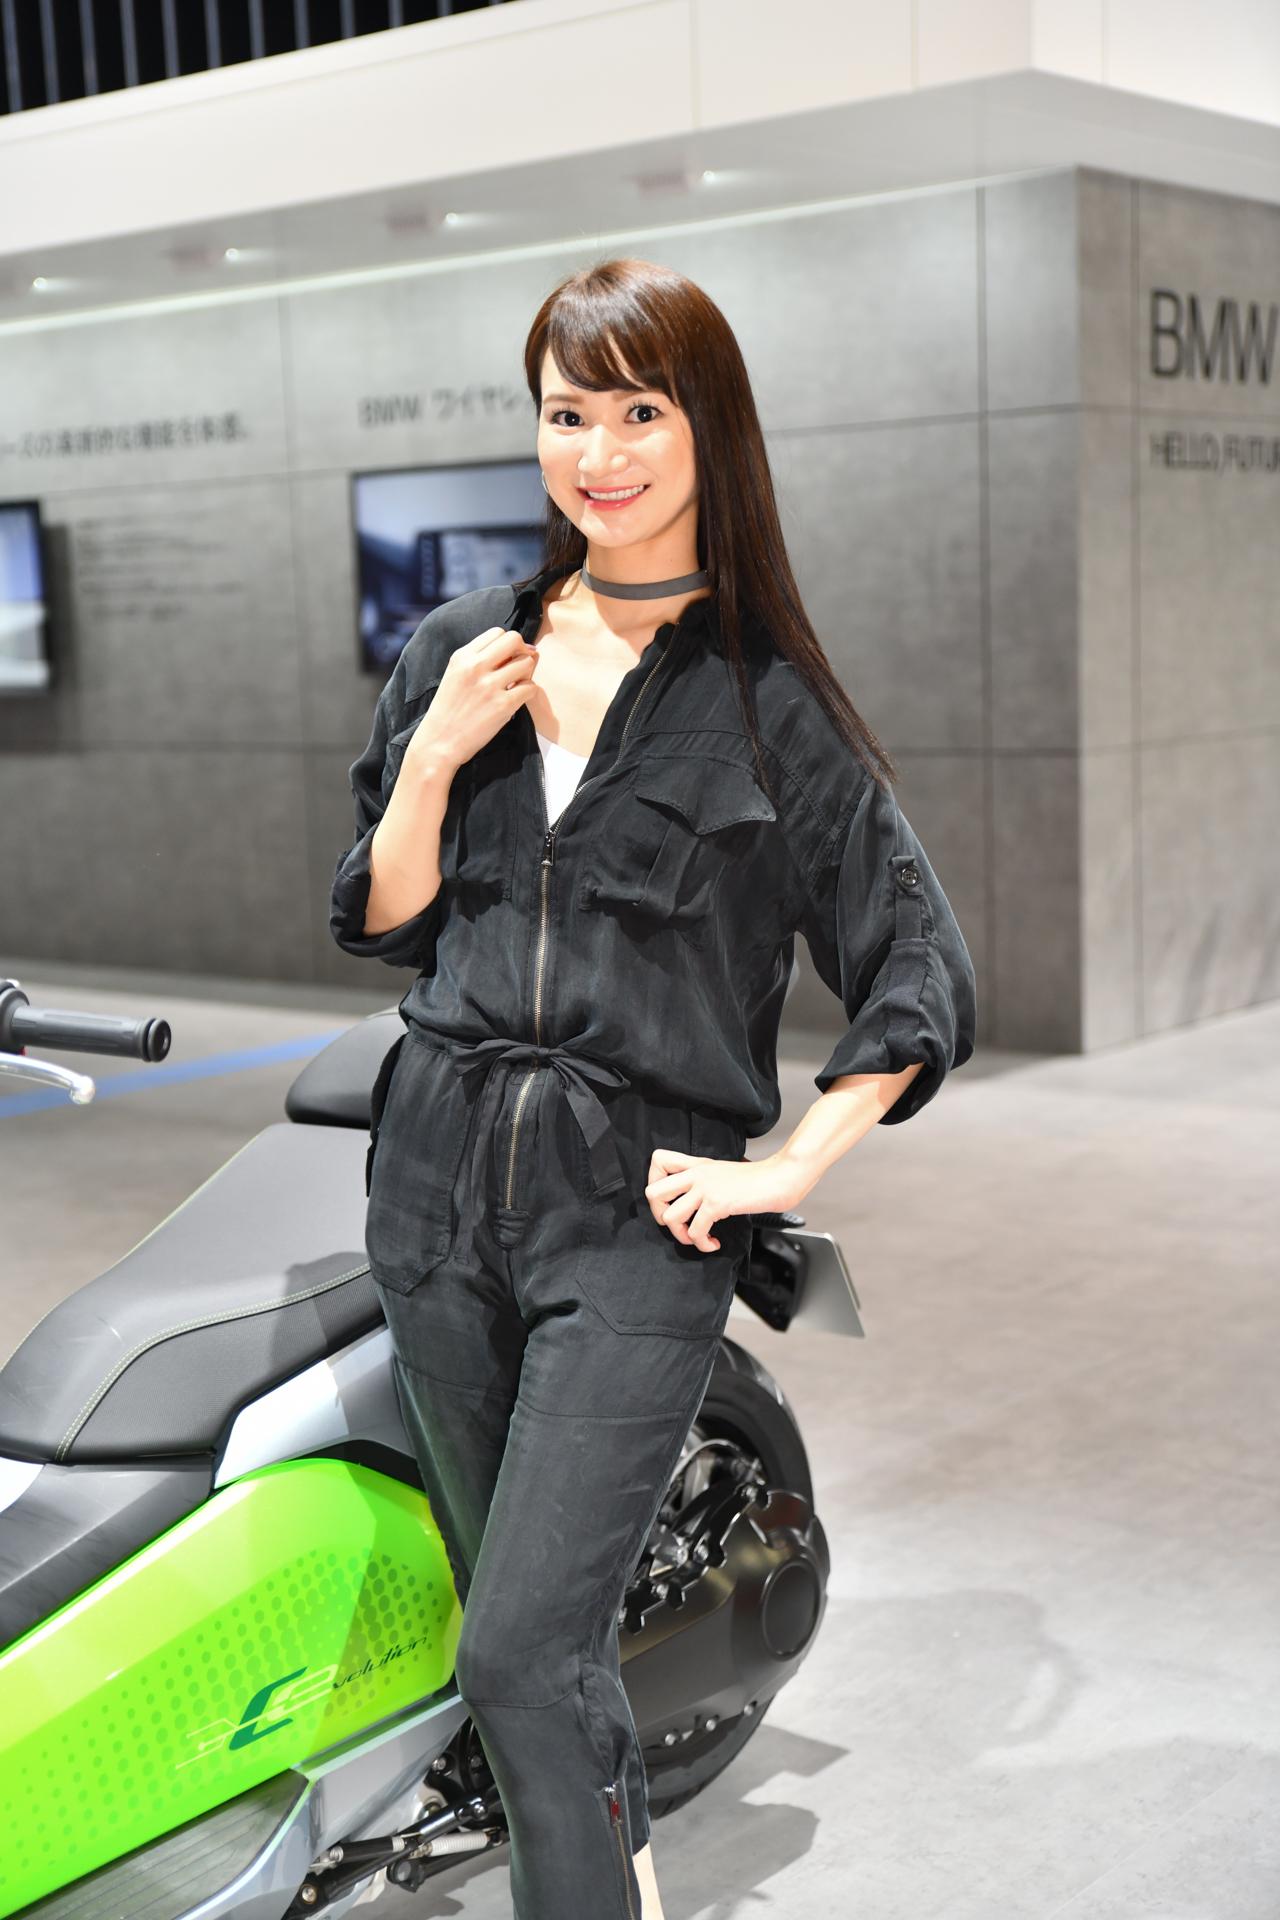 D850+SP 24-70mm F/2.8 Di VC USD G2 BMW 東京モーターショー2017